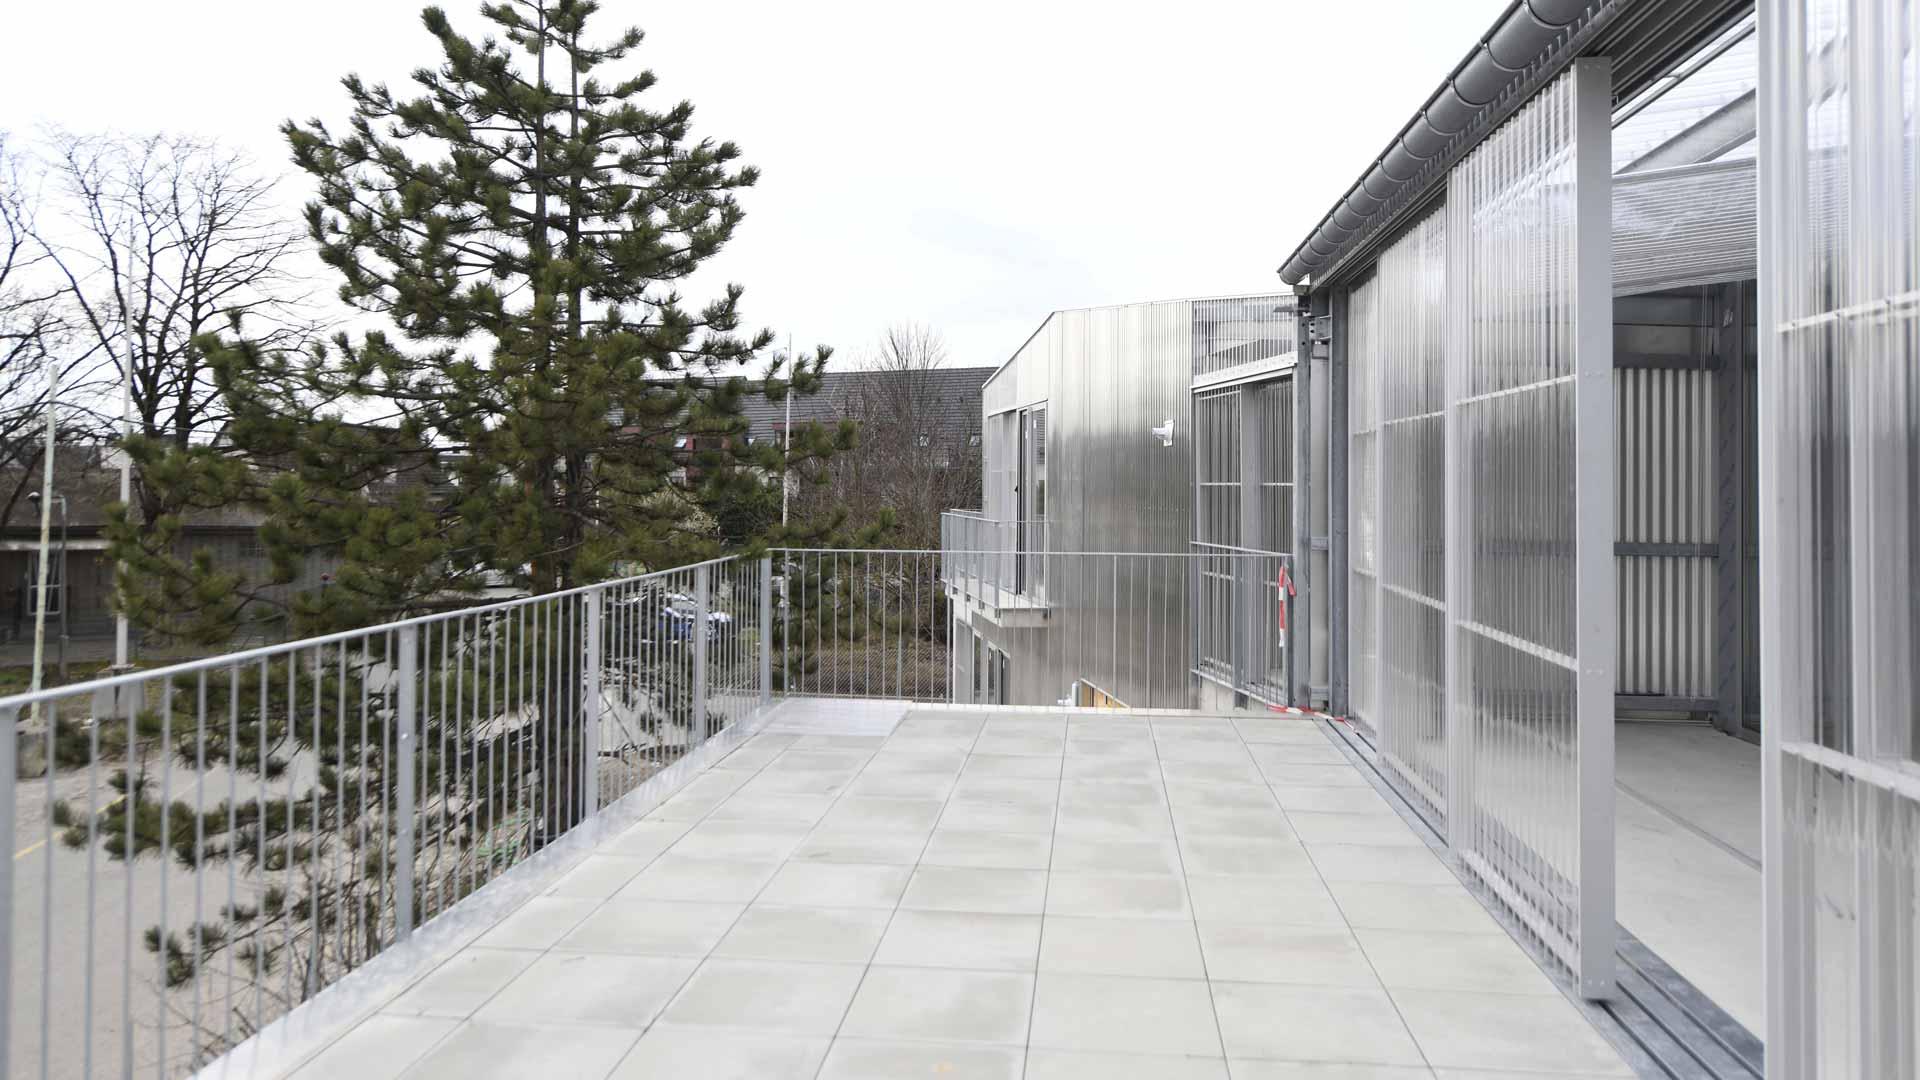 Rixheim : une résidence seniors qui se fait remarquer : des réalisations qui inspirent les architectes du monde entier